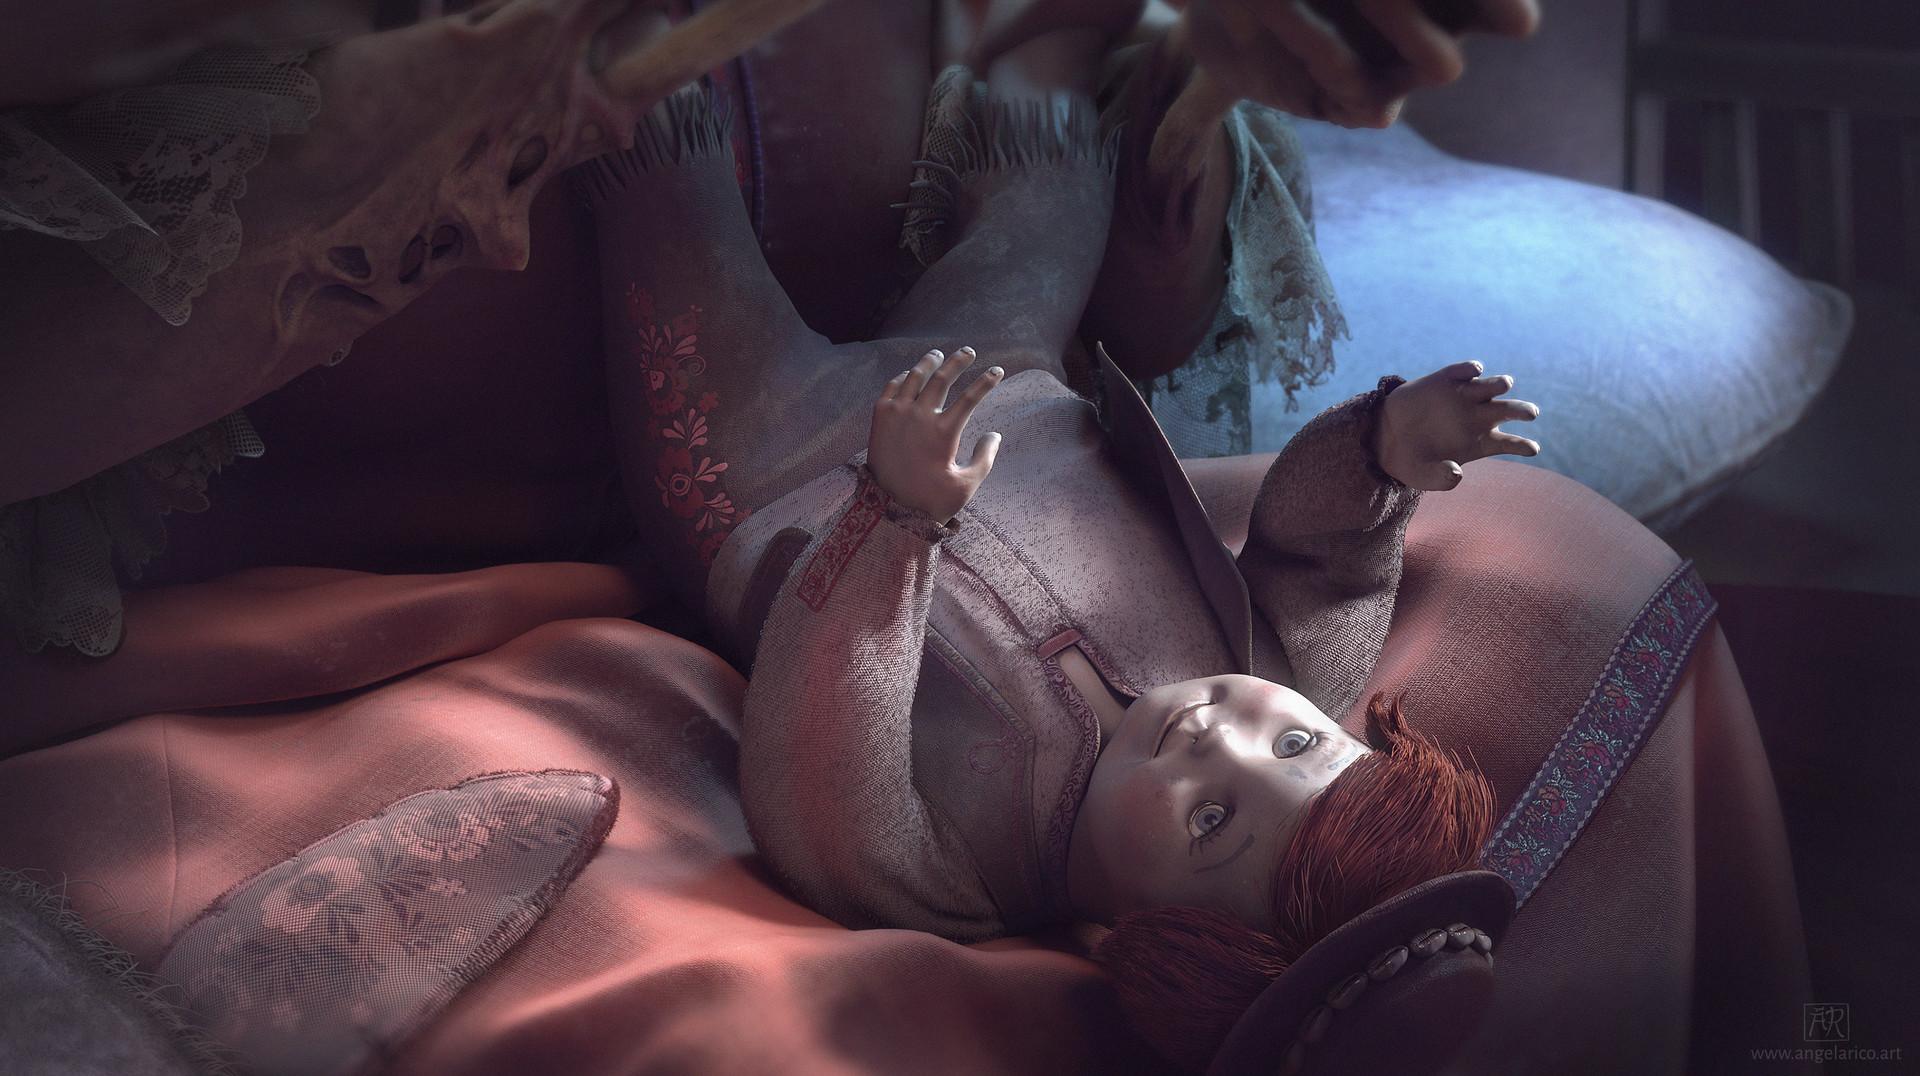 Angela rico cu doll